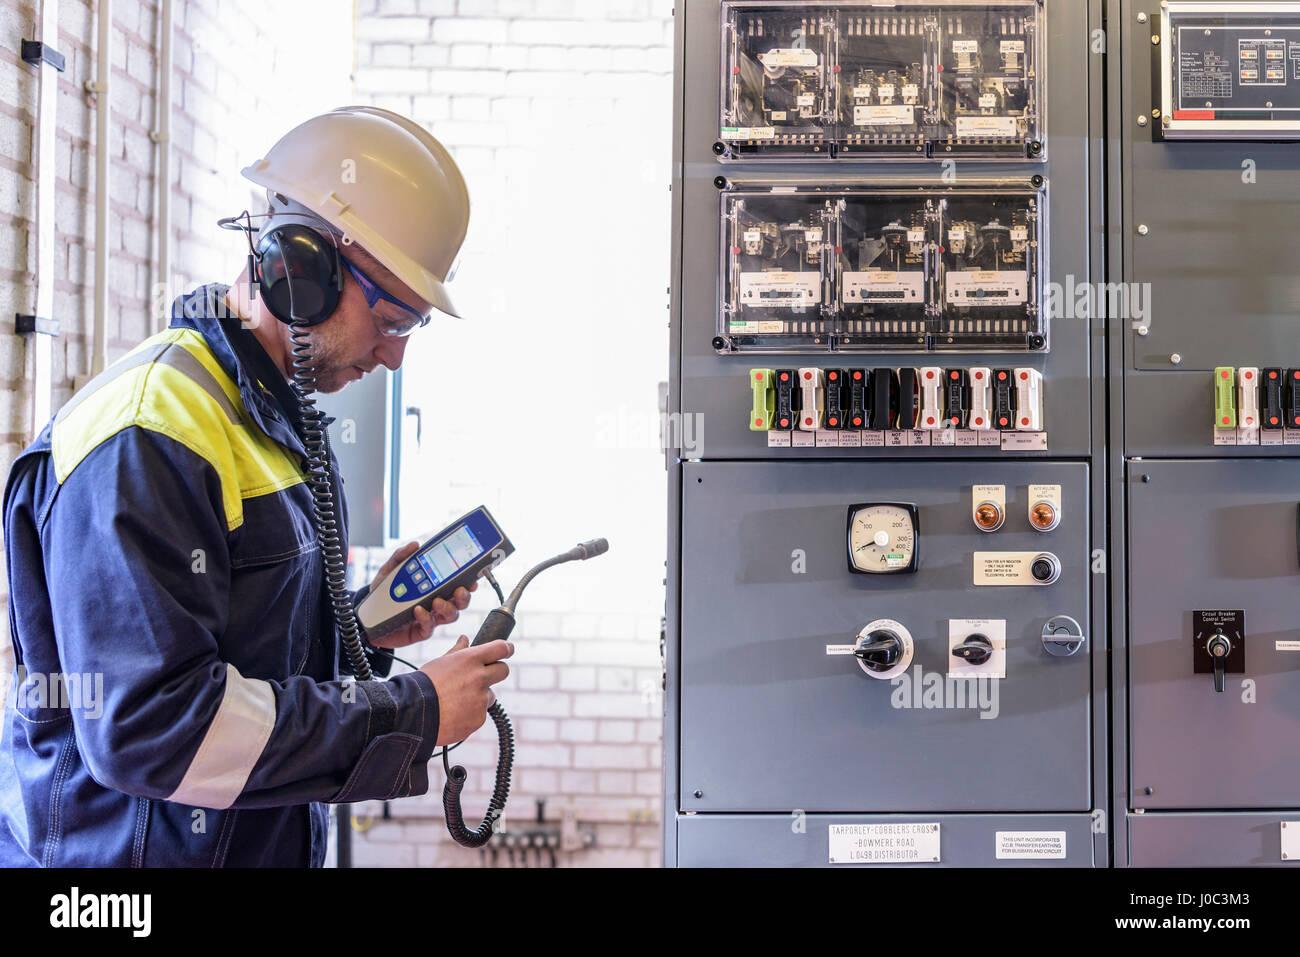 Trabajador para comprobar el ruido en la subestación eléctrica Imagen De Stock